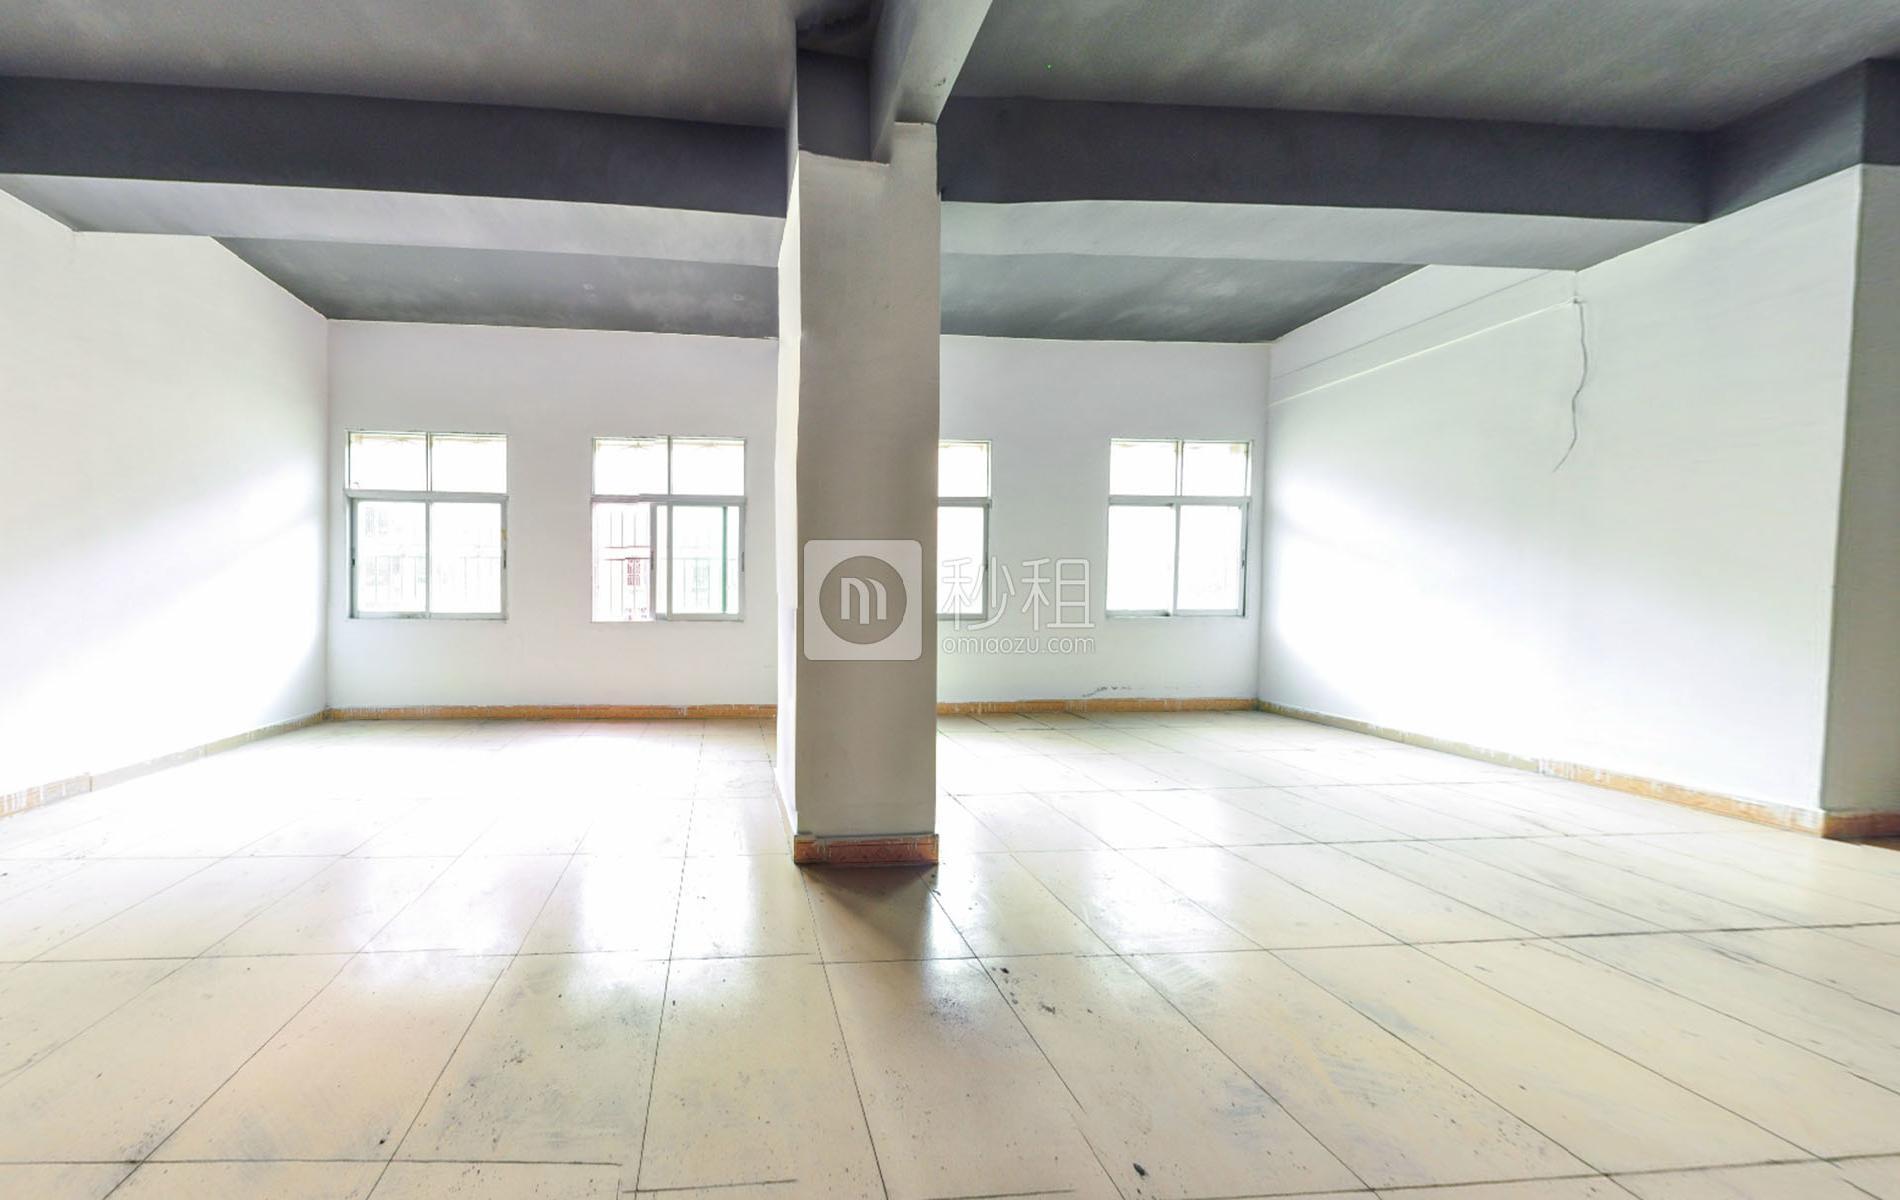 芭拉芭拉写字楼出租66平米简装办公室33元/m².月